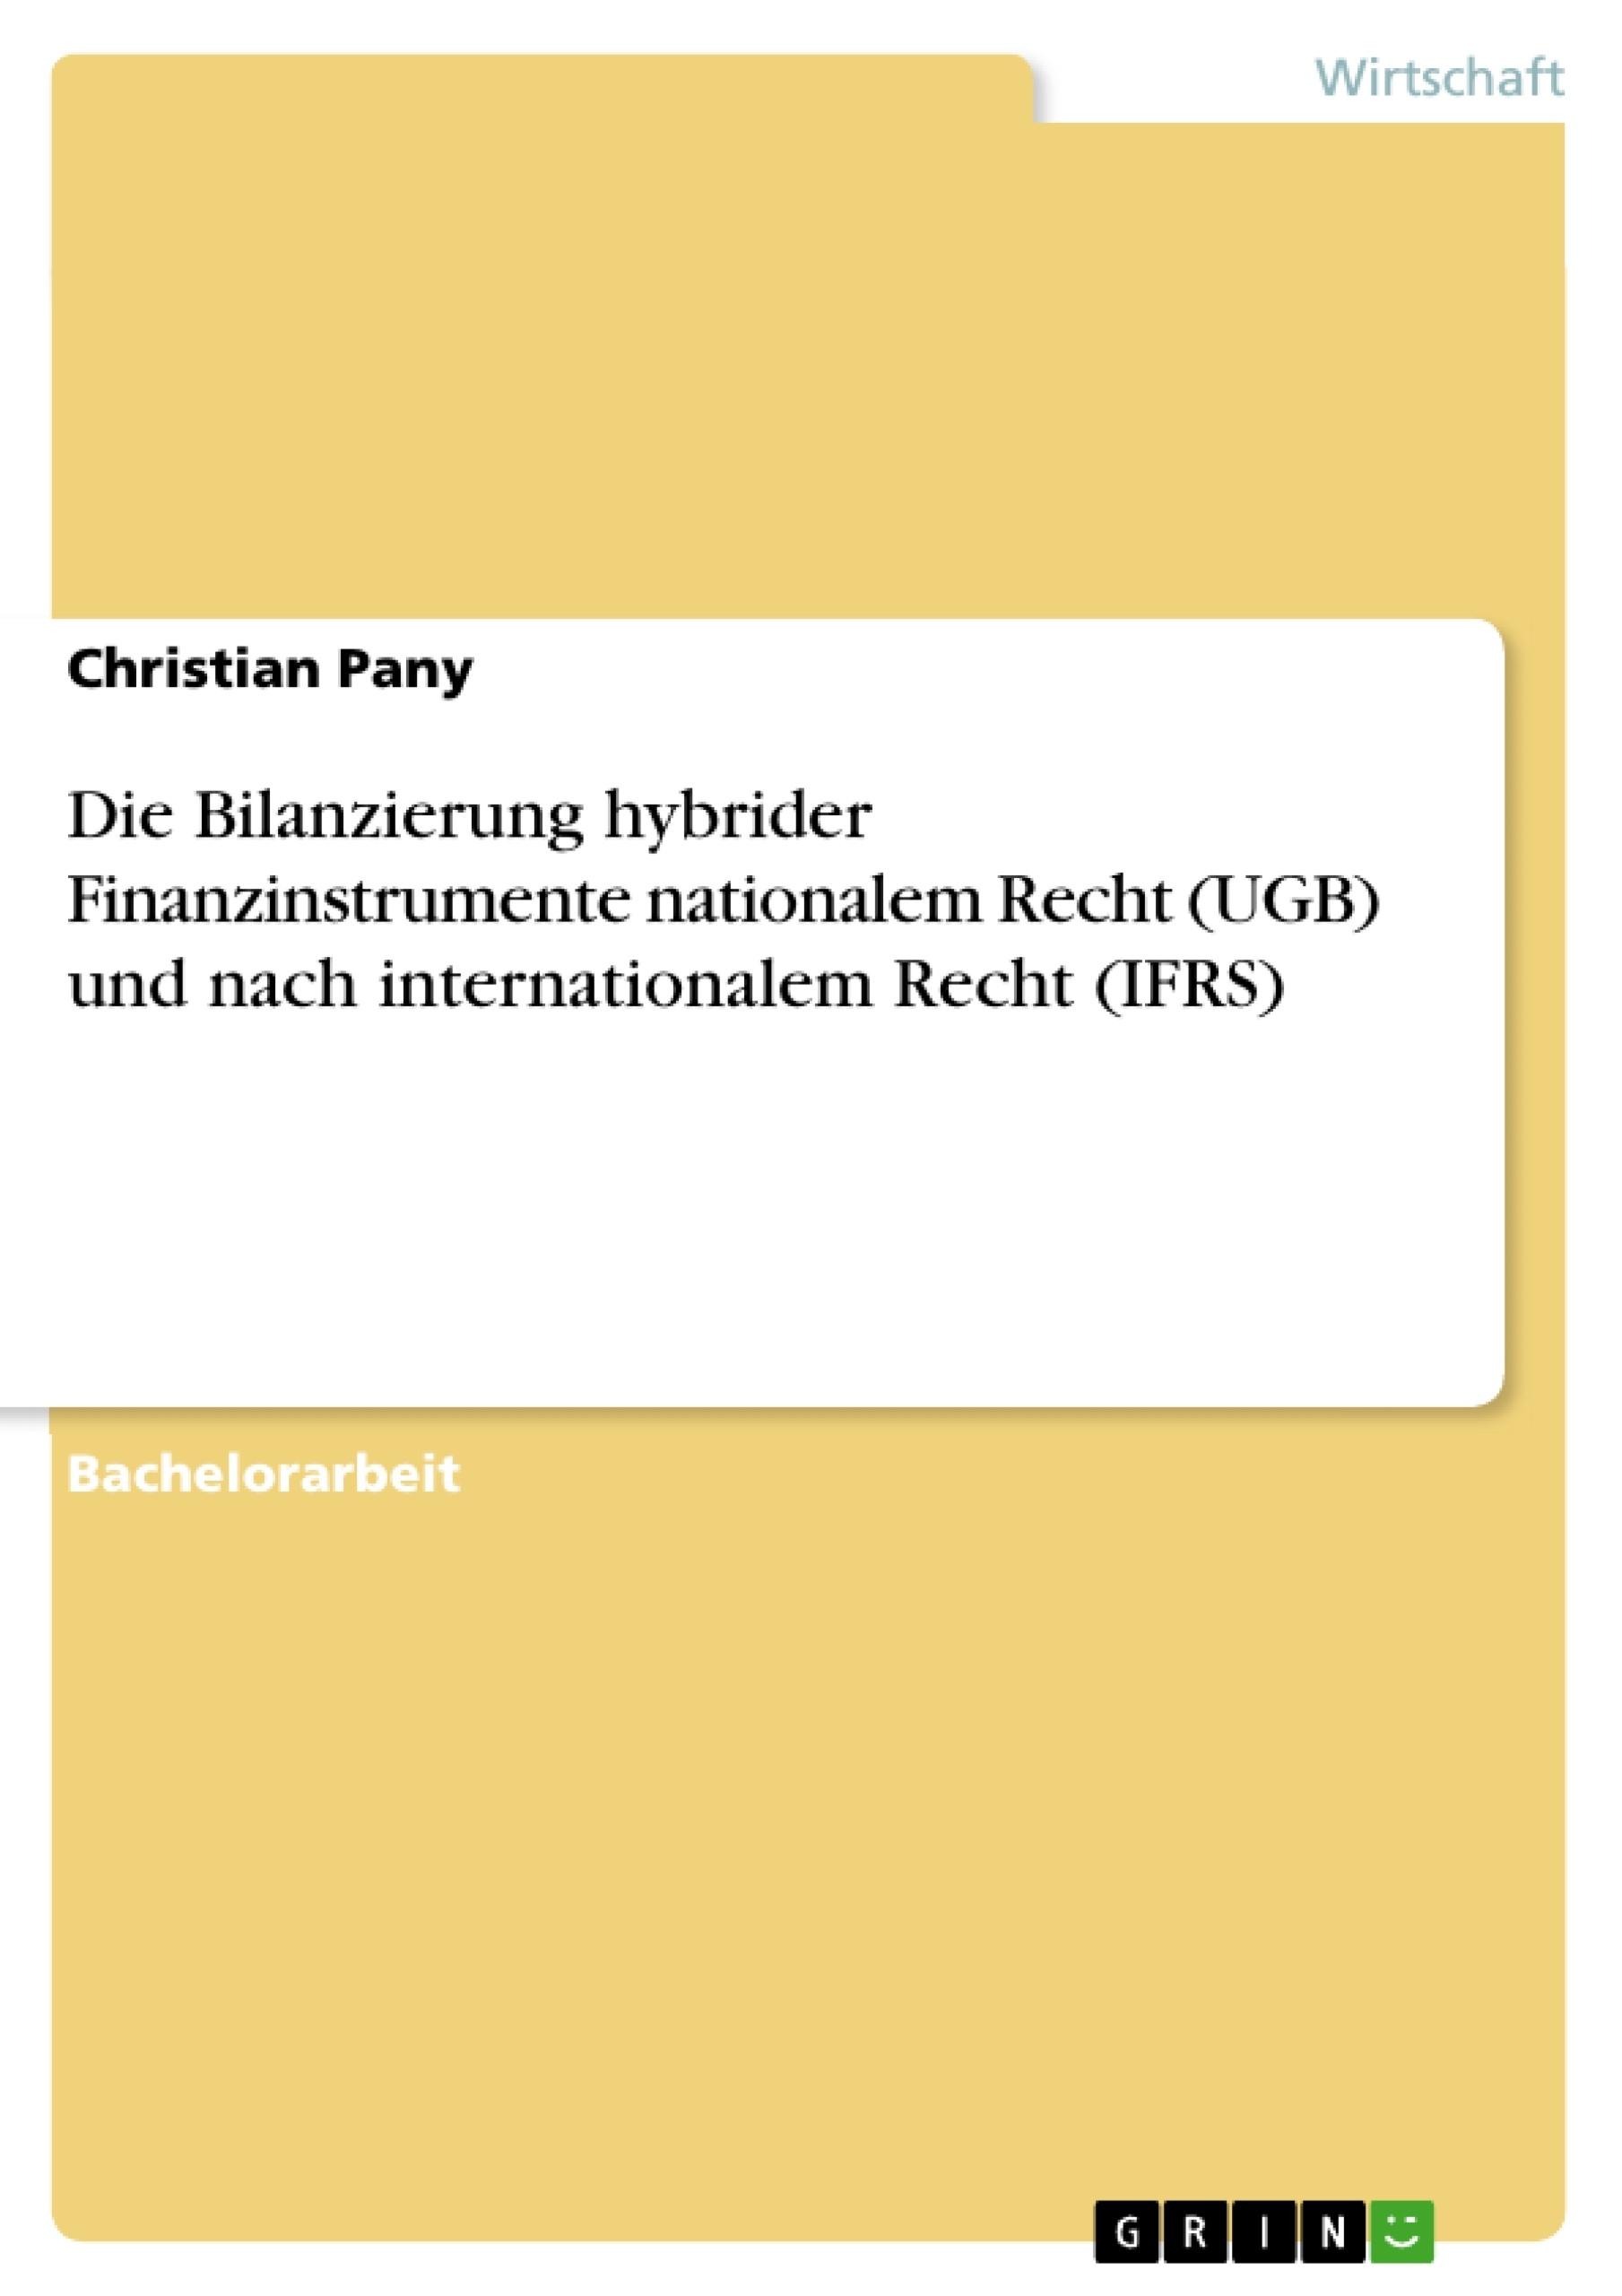 Titel: Die Bilanzierung hybrider Finanzinstrumente nationalem Recht (UGB) und nach internationalem Recht (IFRS)